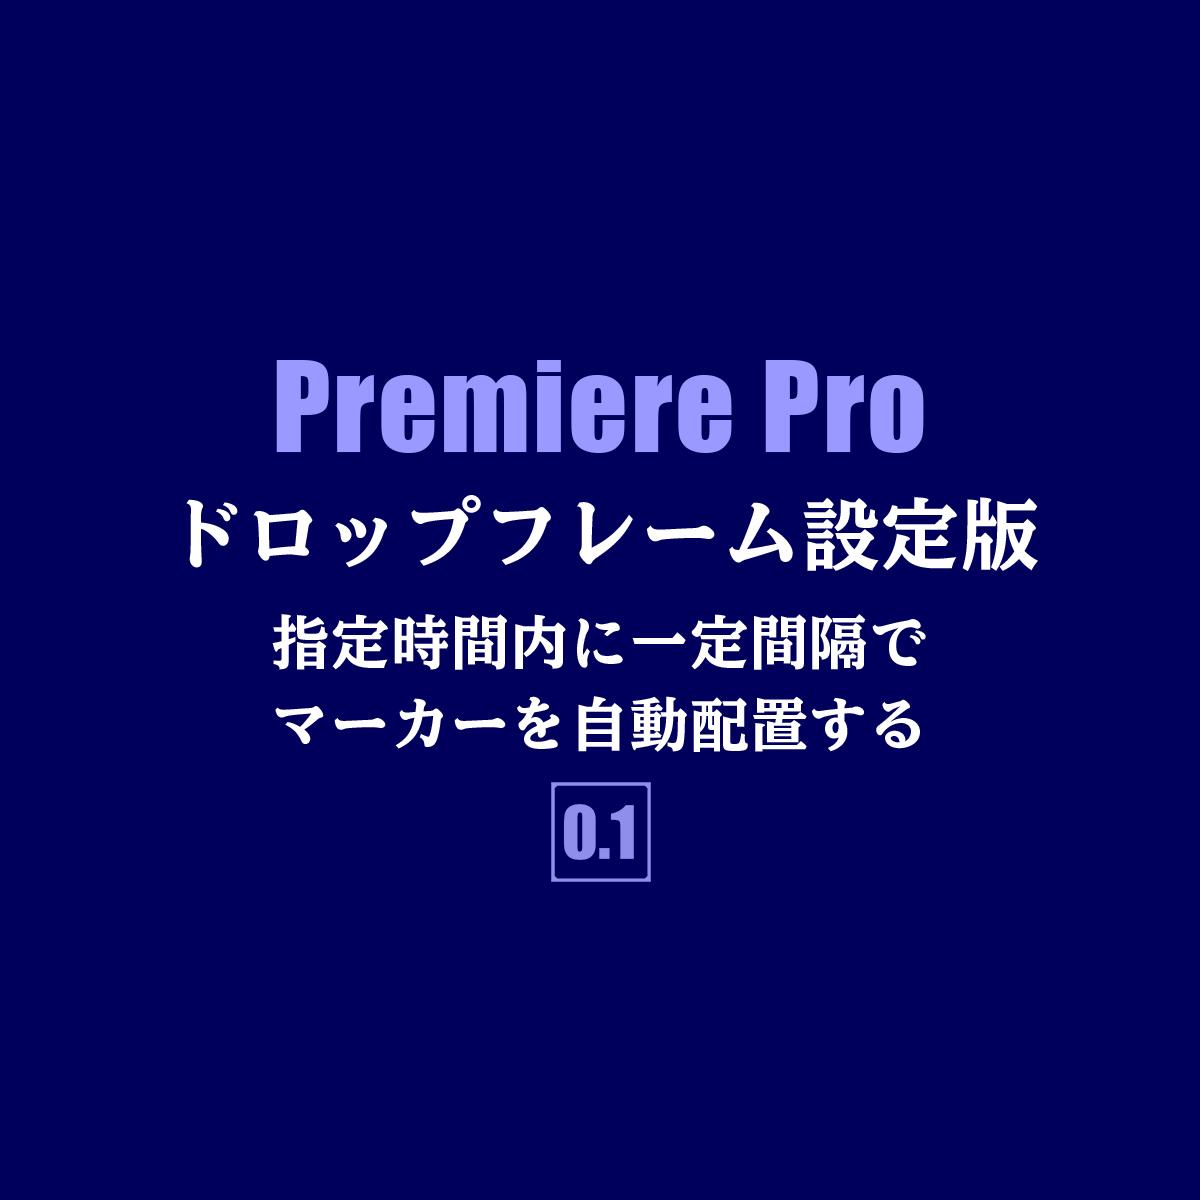 【Premiere Pro】一定間隔でマーカーを打つ方法:ドロップフレーム版